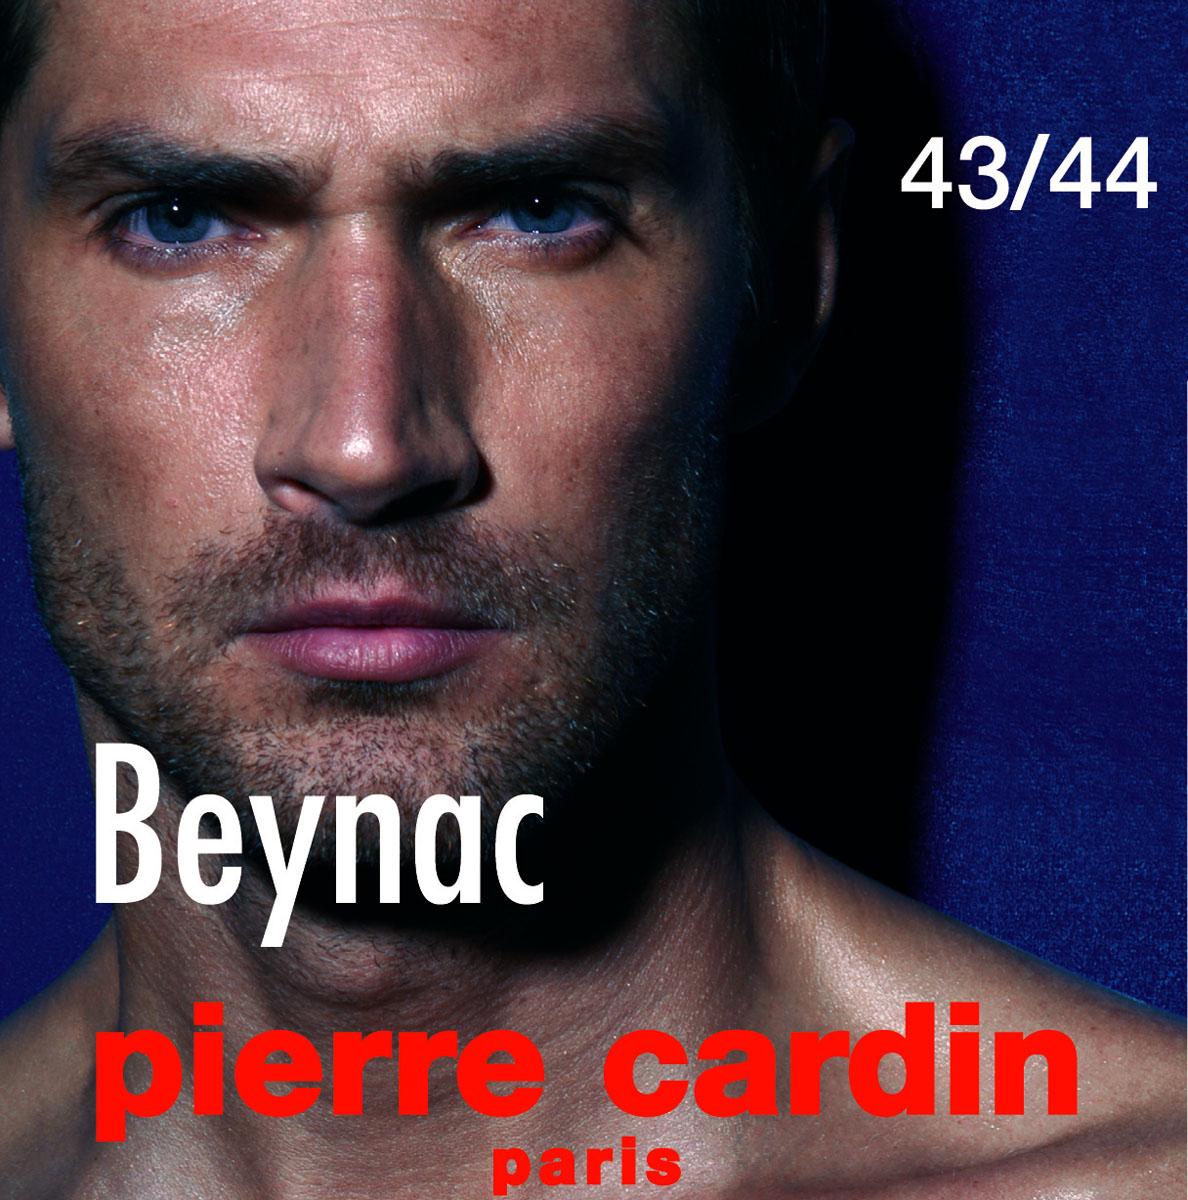 Pierre Cardin ����� ������� Beynac